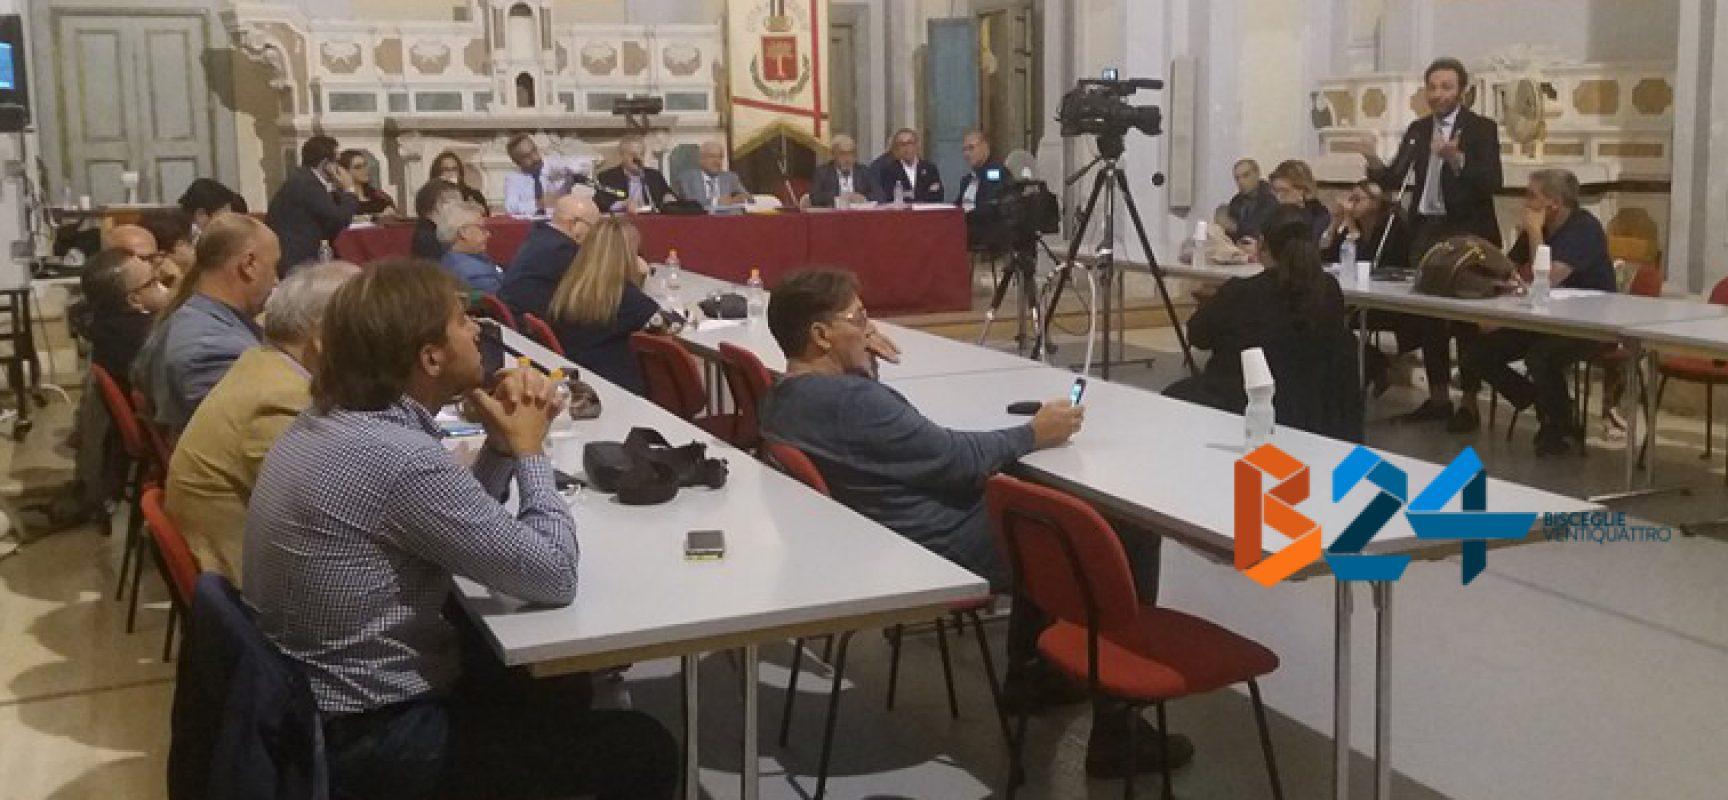 Consiglio comunale, dibattito sulla delibera di variazione di bilancio